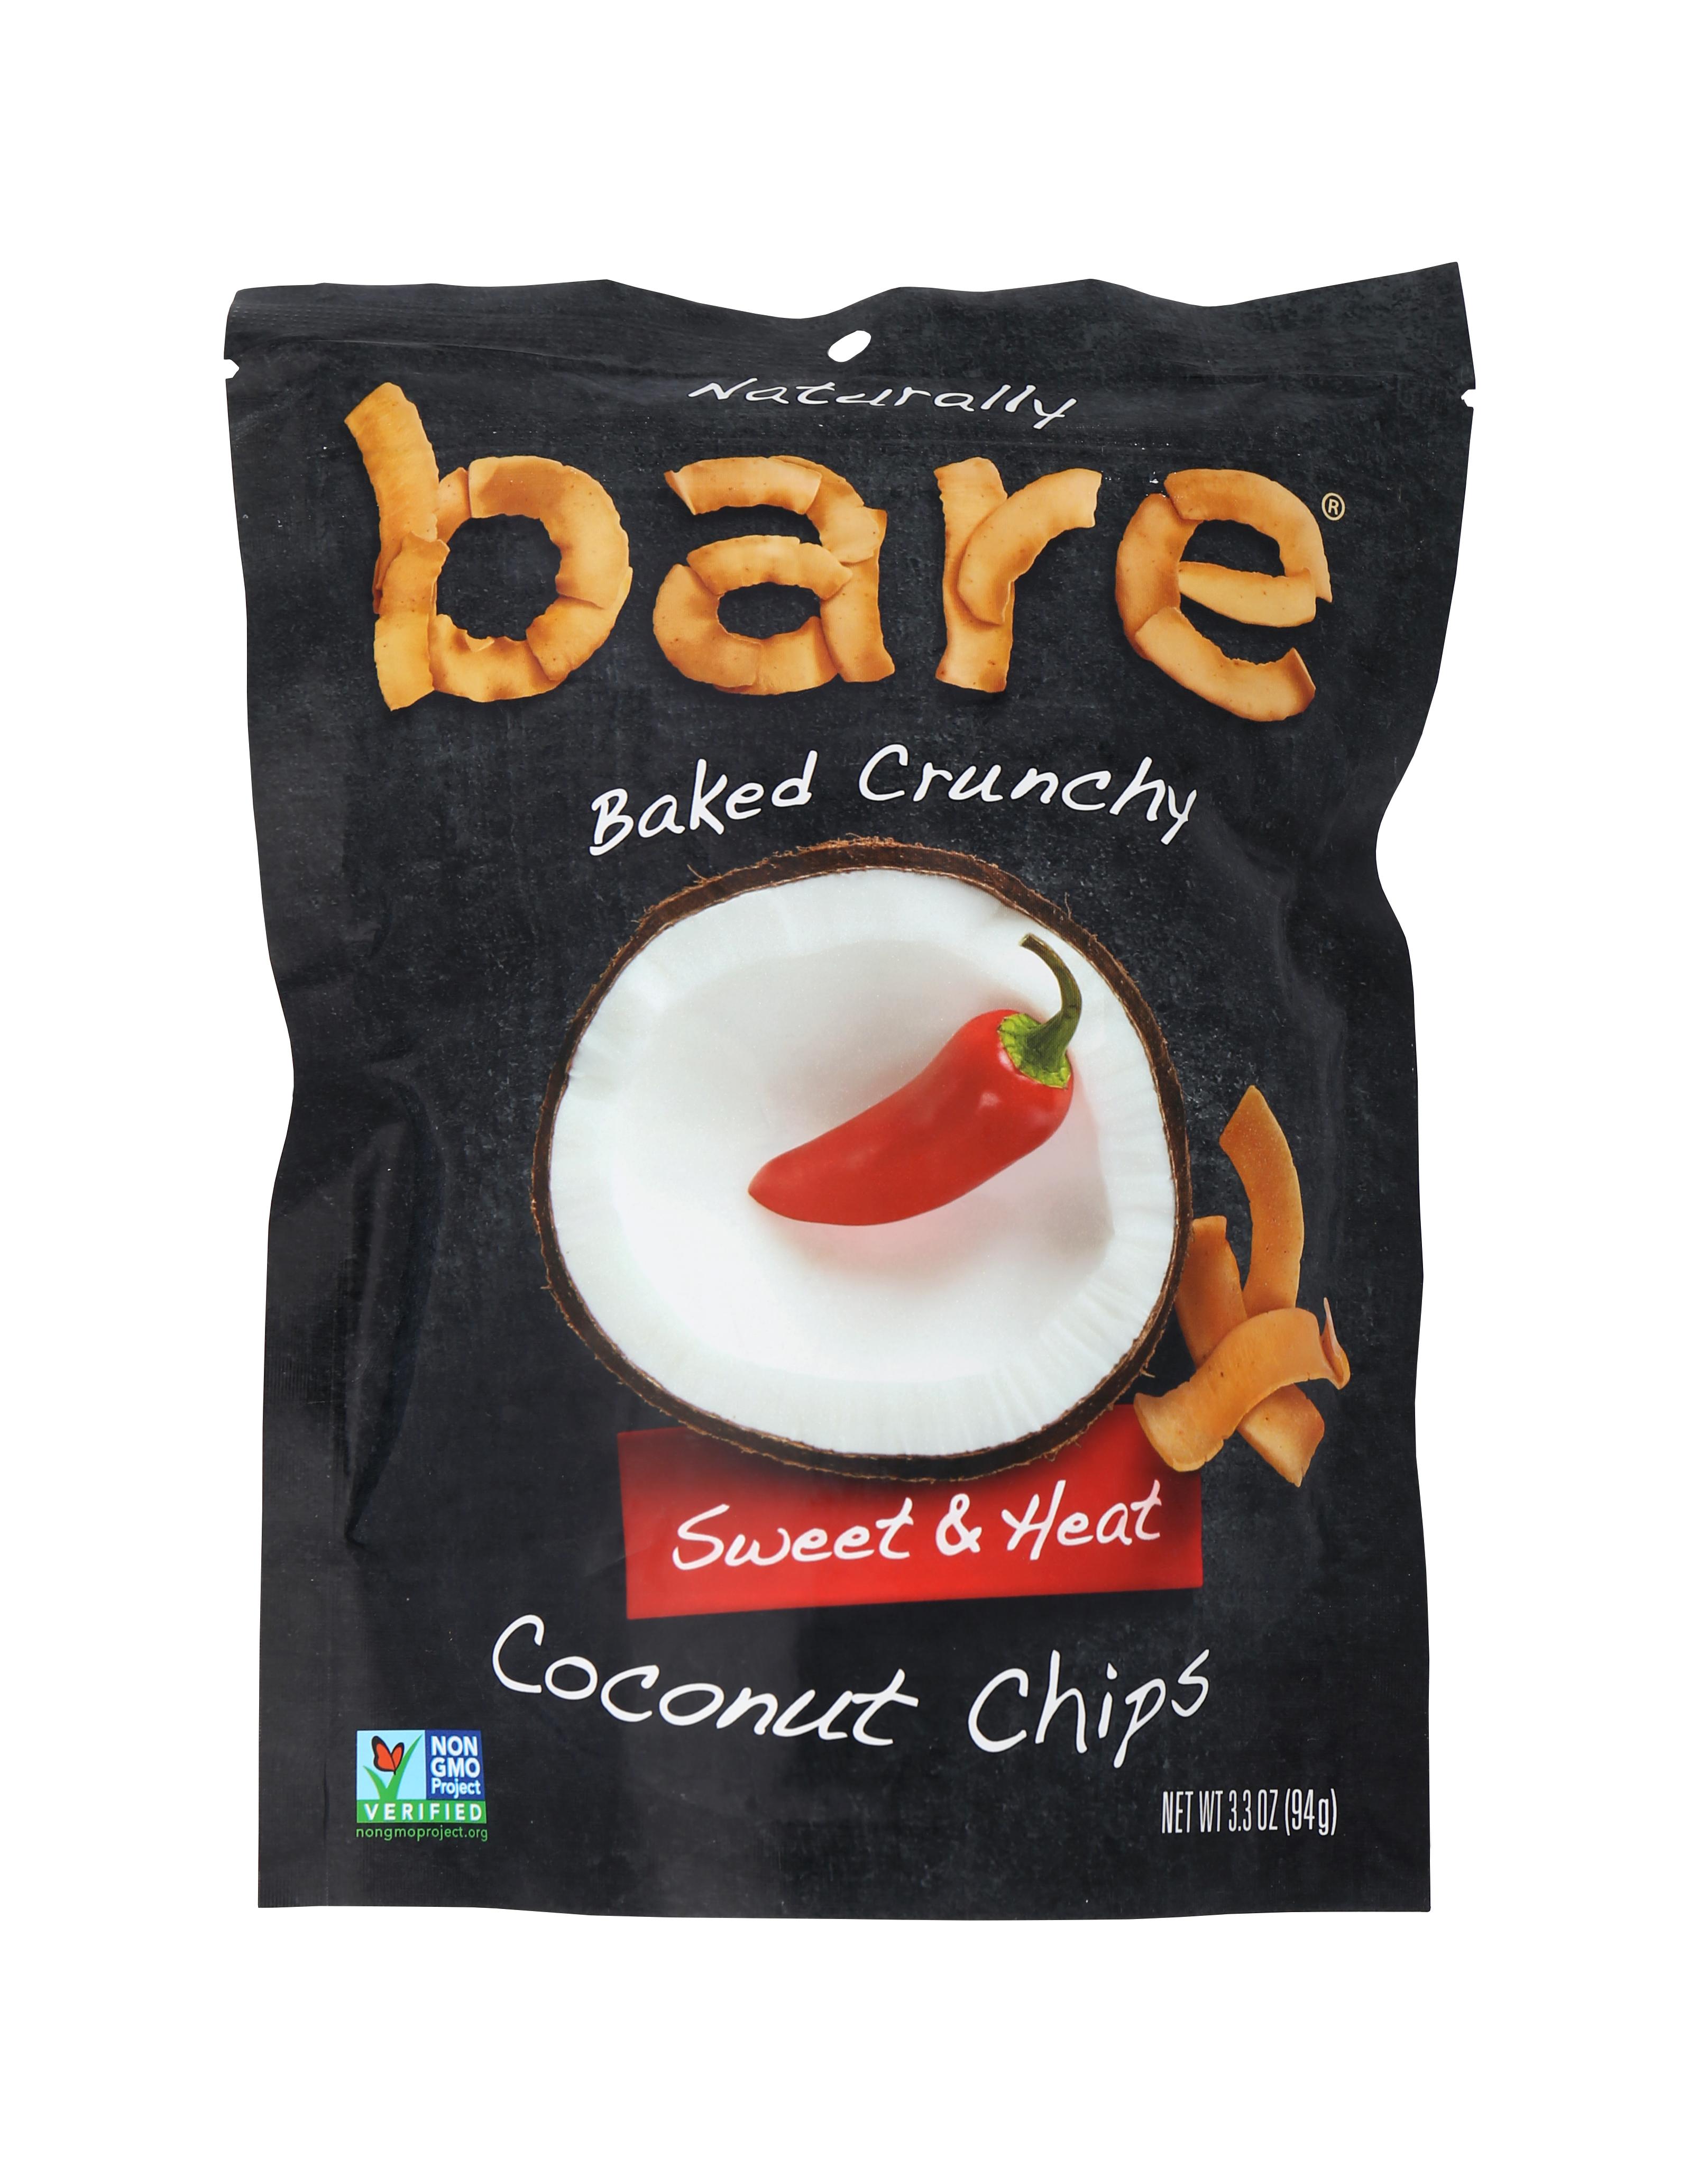 Sweet & Heat Coconut Chips